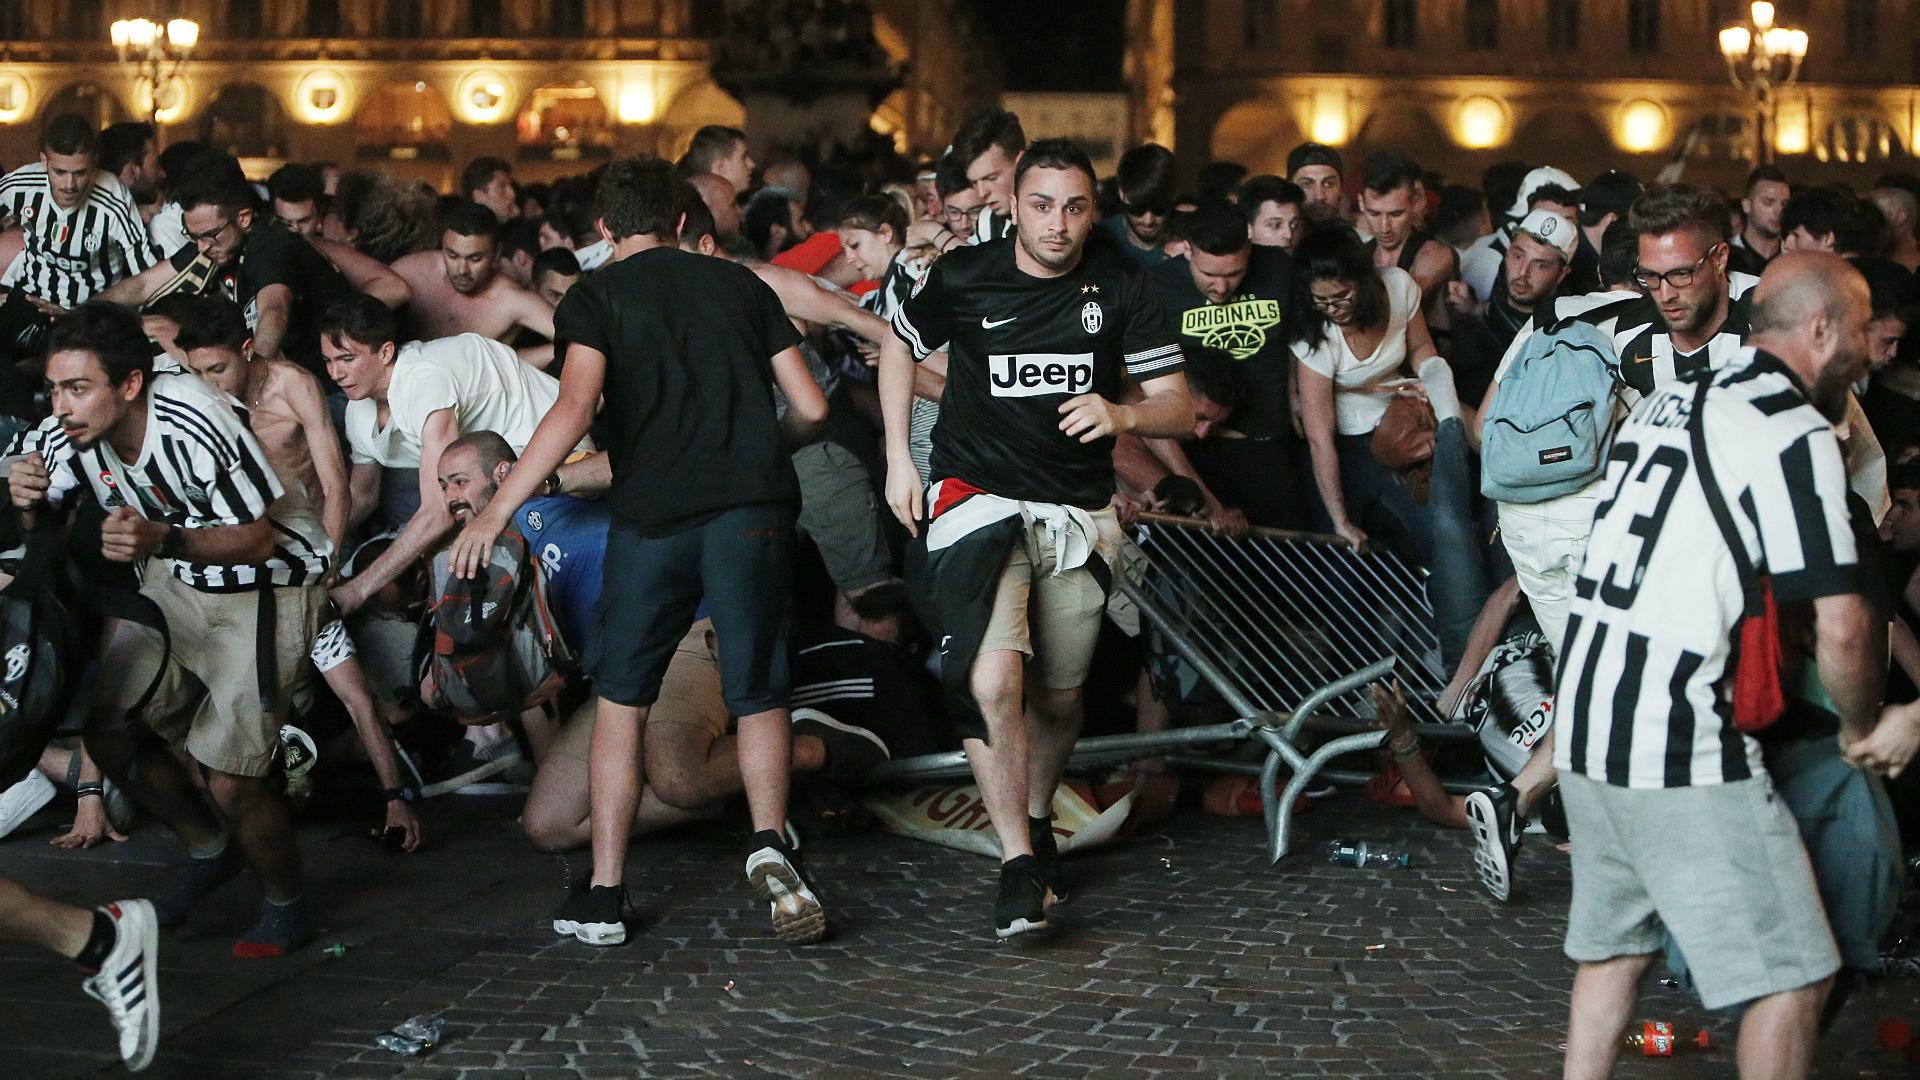 Tre anni fa il caos di Piazza San Carlo: una festa diventata ...